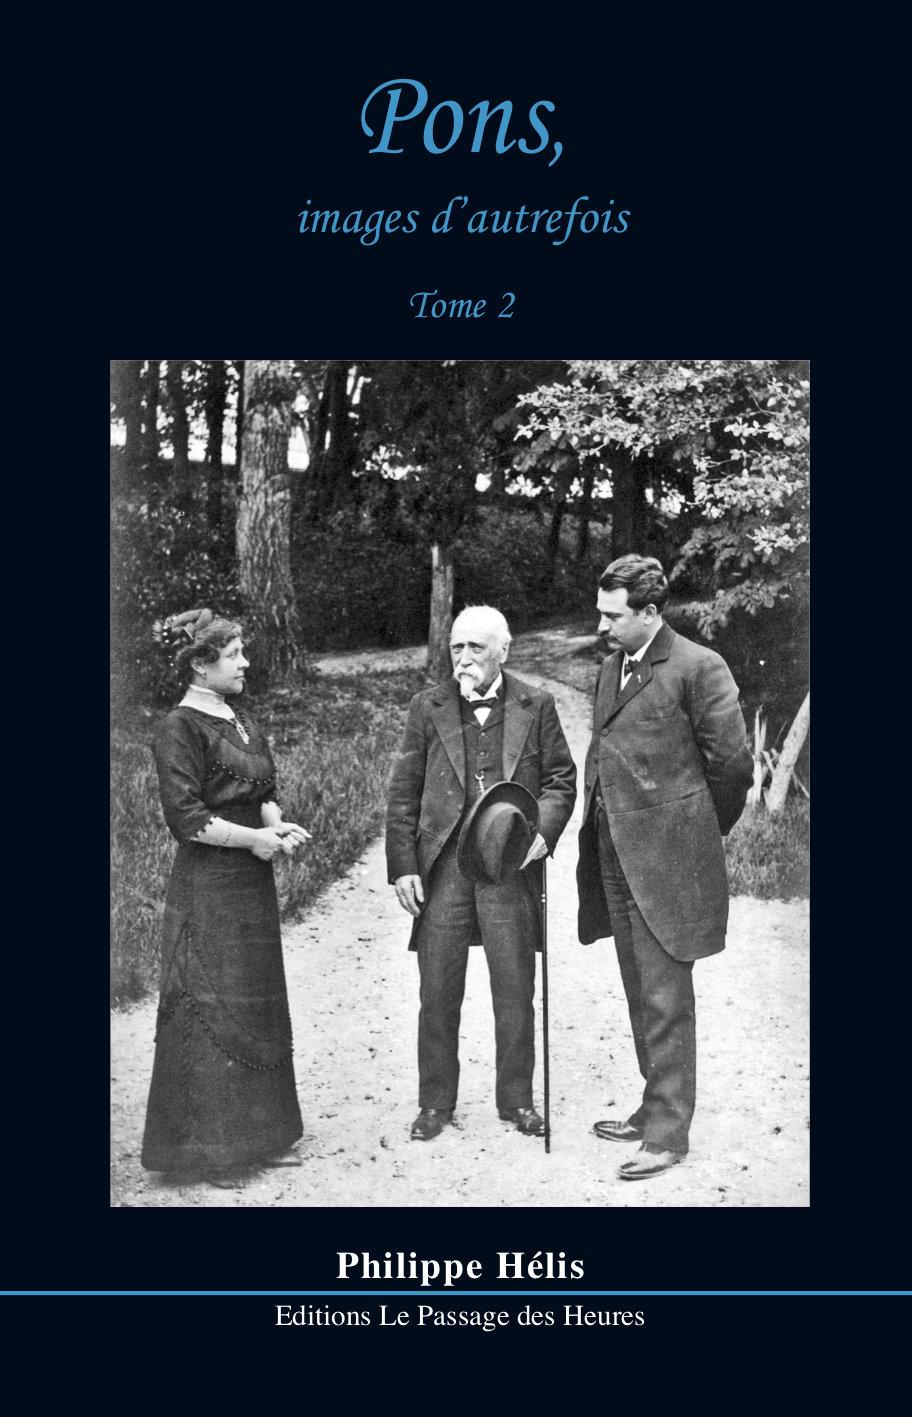 Pons, images d'autrefois - tome 2 10090